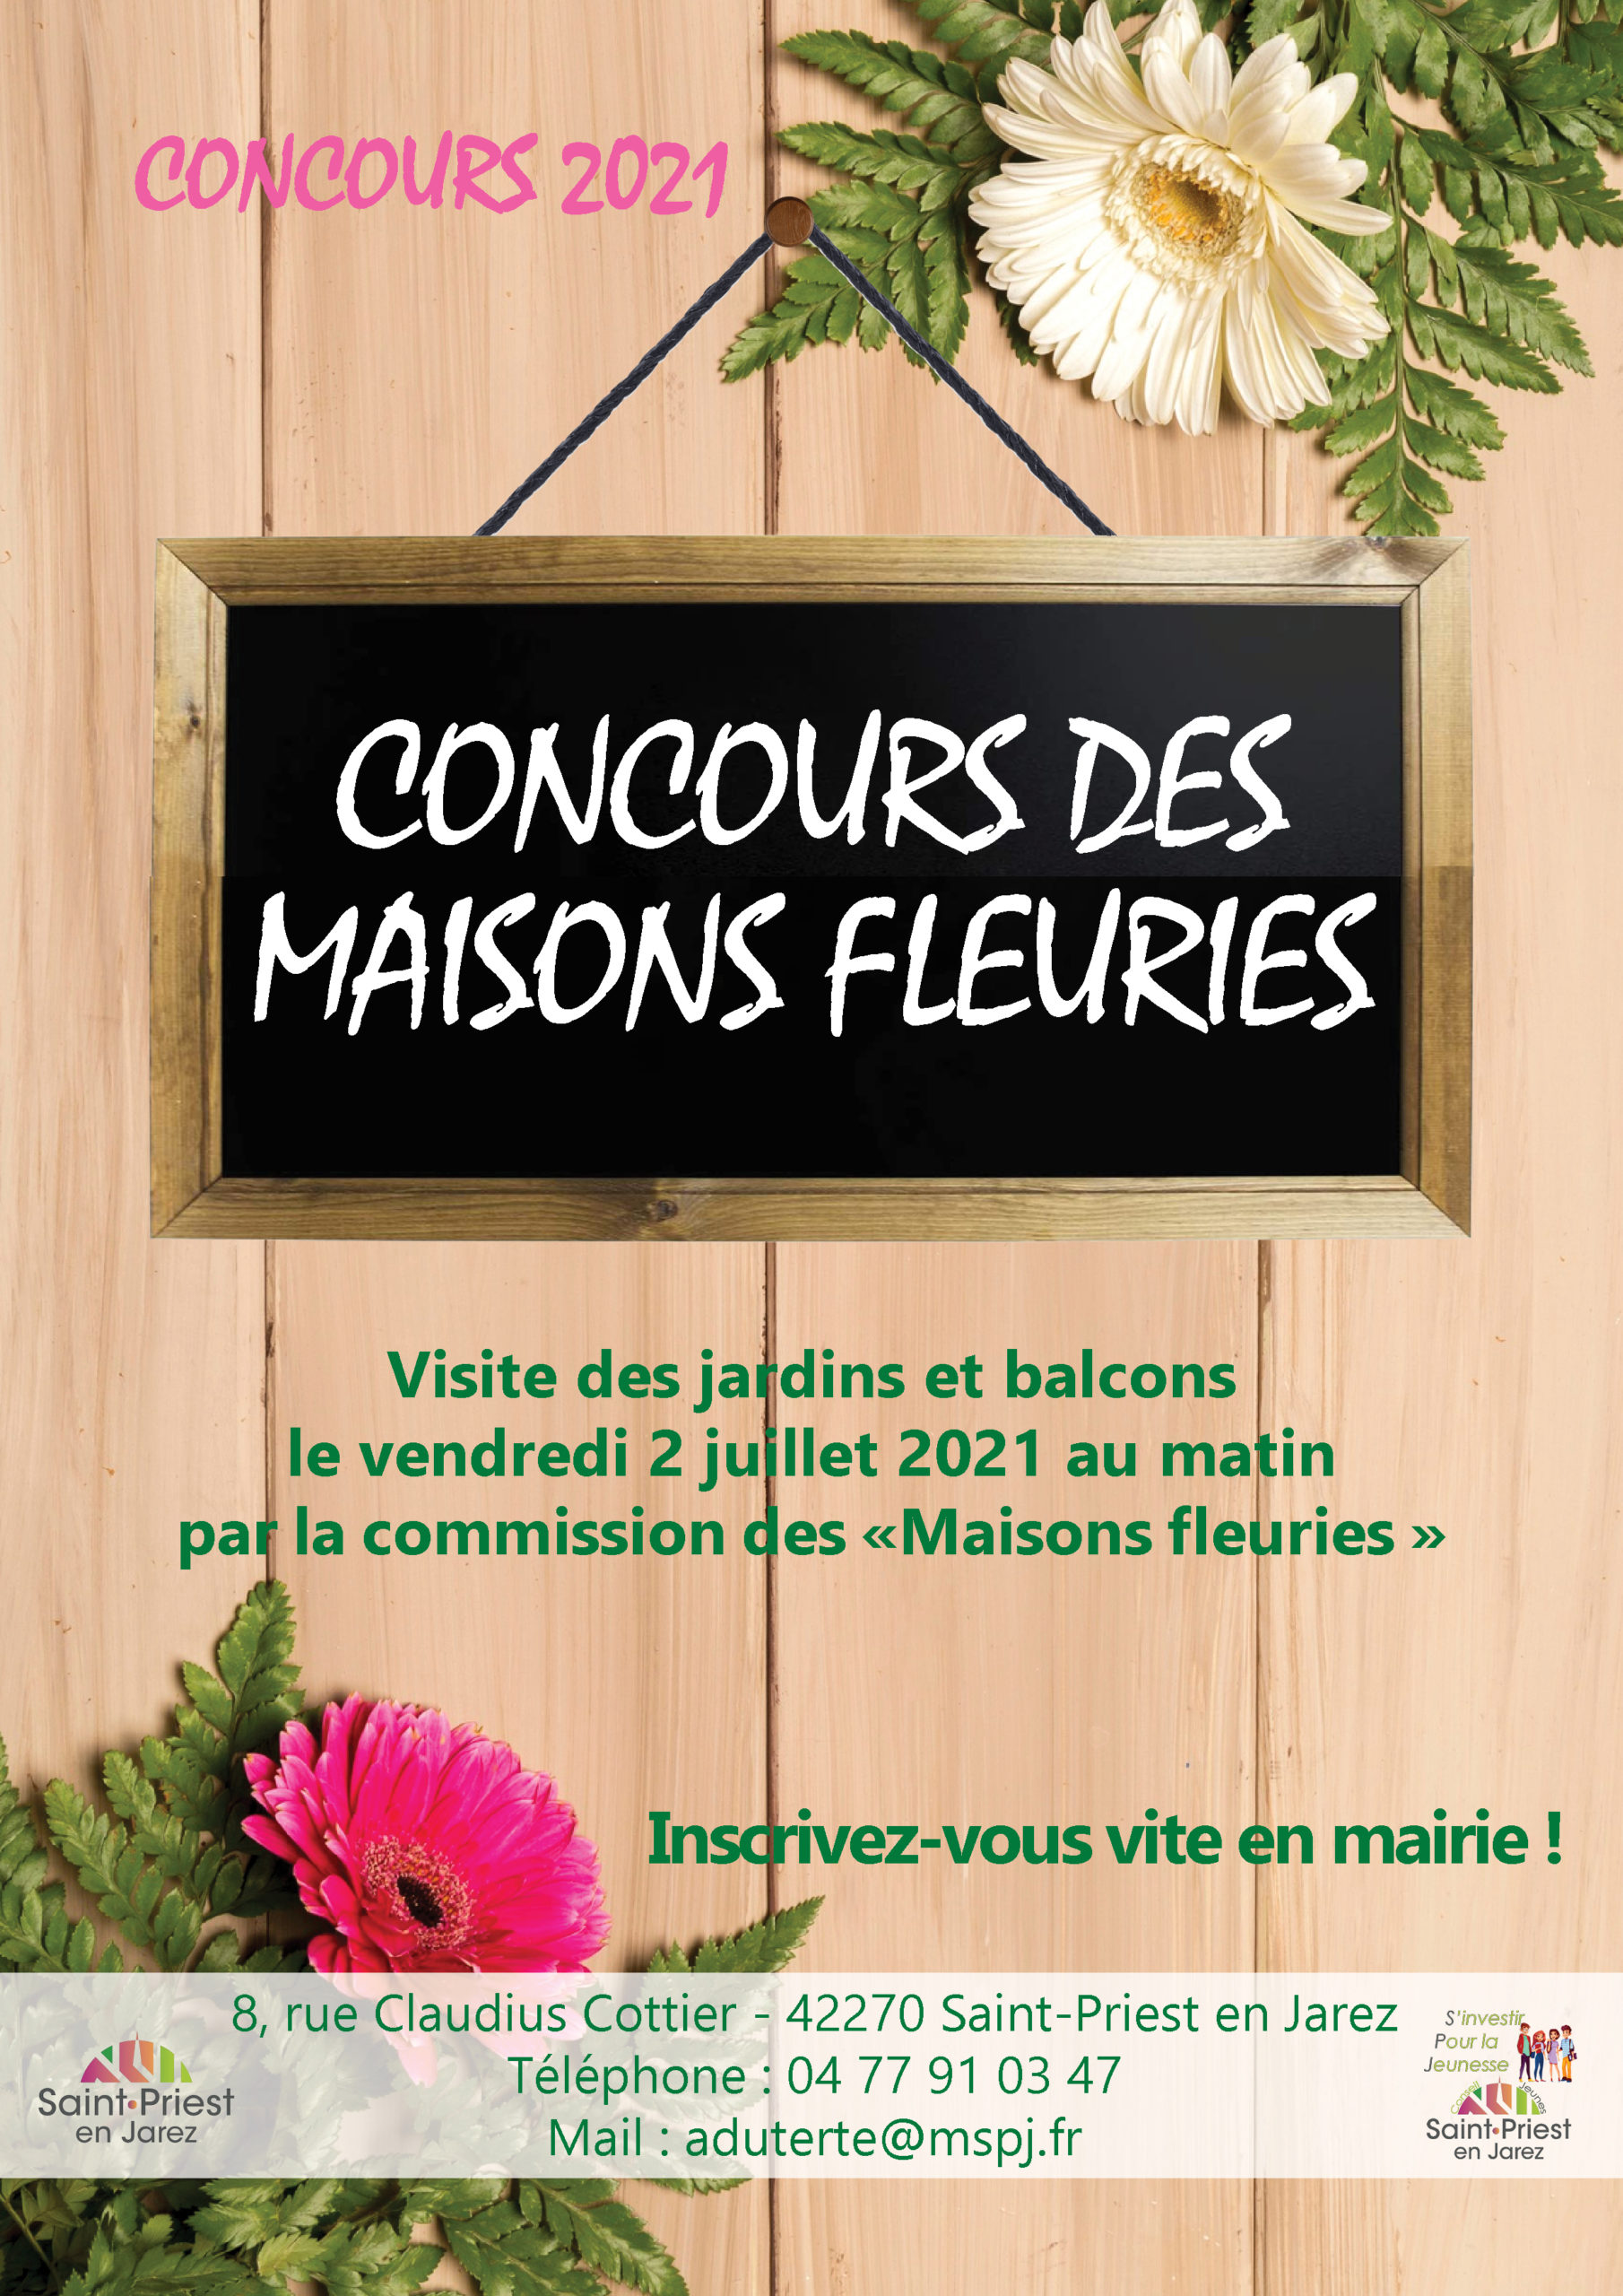 Affiche du concours des maisons fleuries